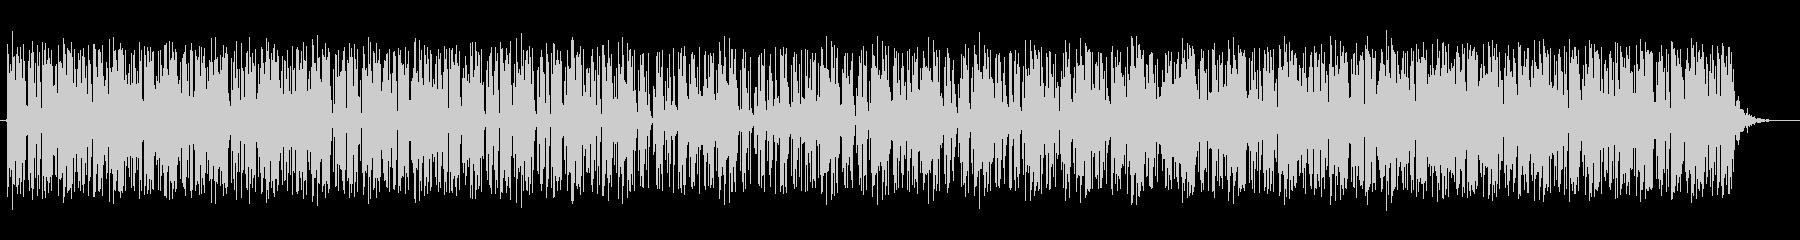 軽やかなテクノミュージックの未再生の波形